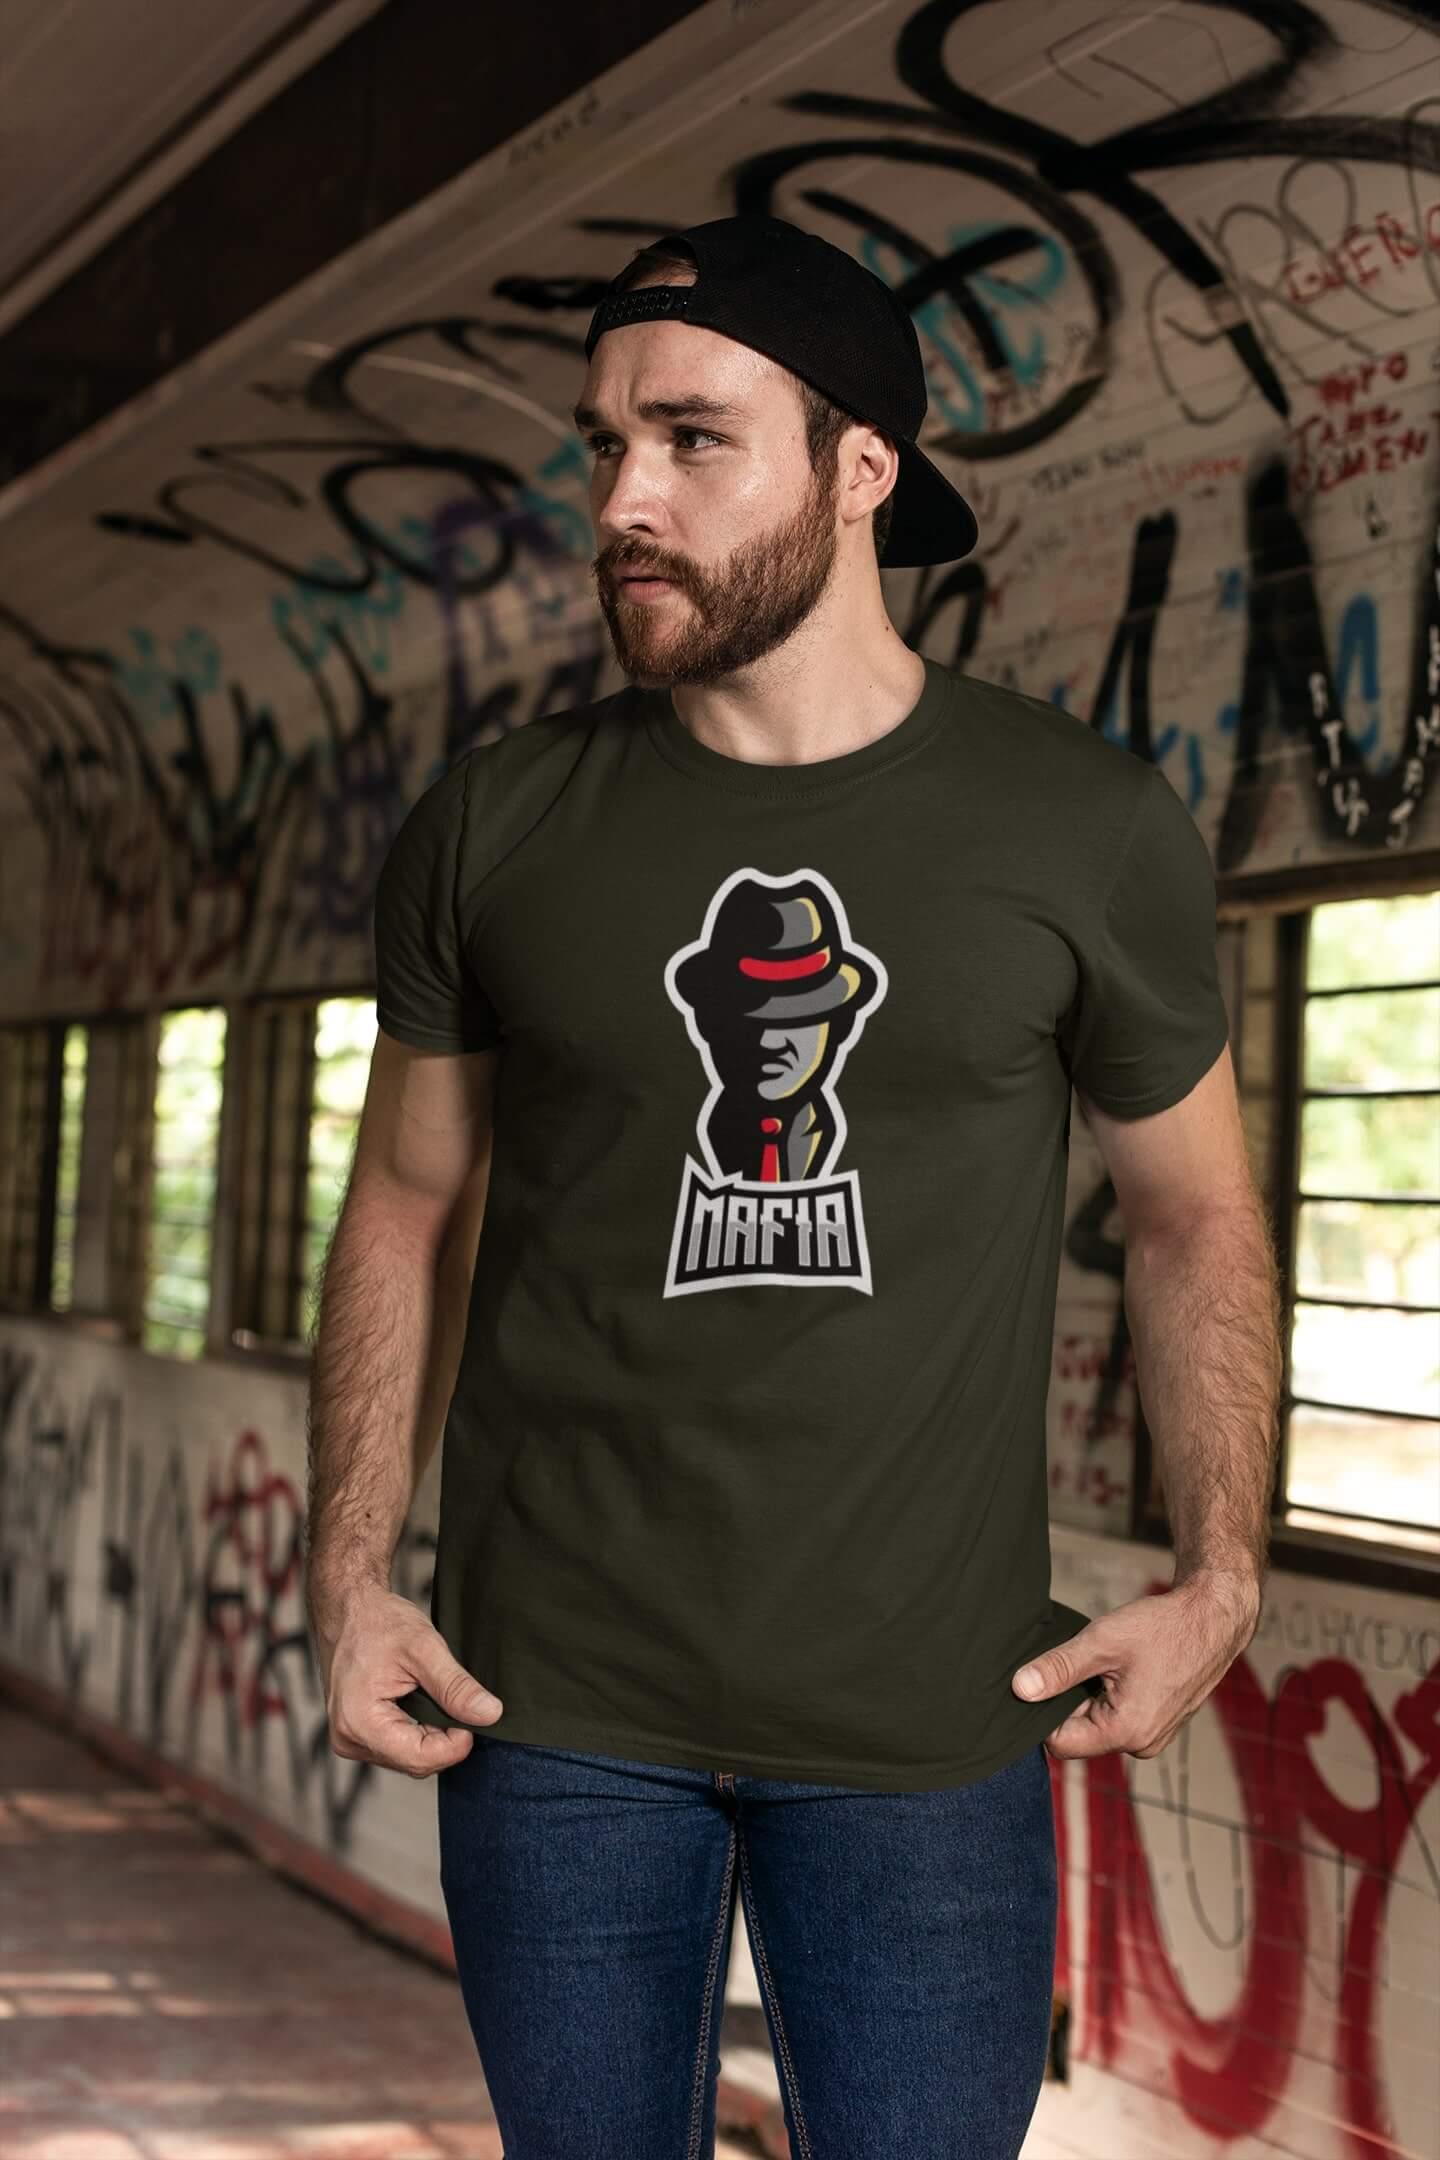 MMO Pánske tričko Mafia Vyberte farbu: Military, Vyberte veľkosť: XS